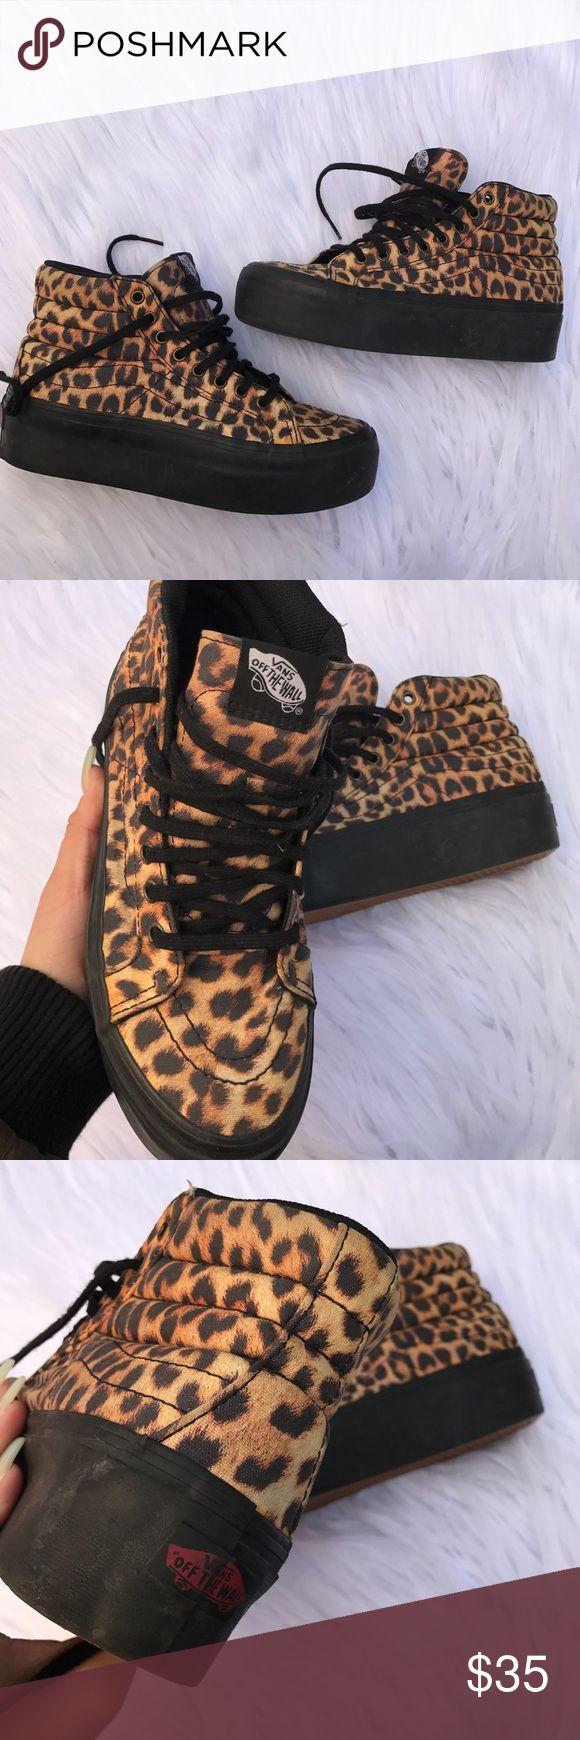 VANS SZ 6 SK8 HI PLATFORM LEOPARD SHOES SNEAKERS Super cute SK8 his Vans Shoes